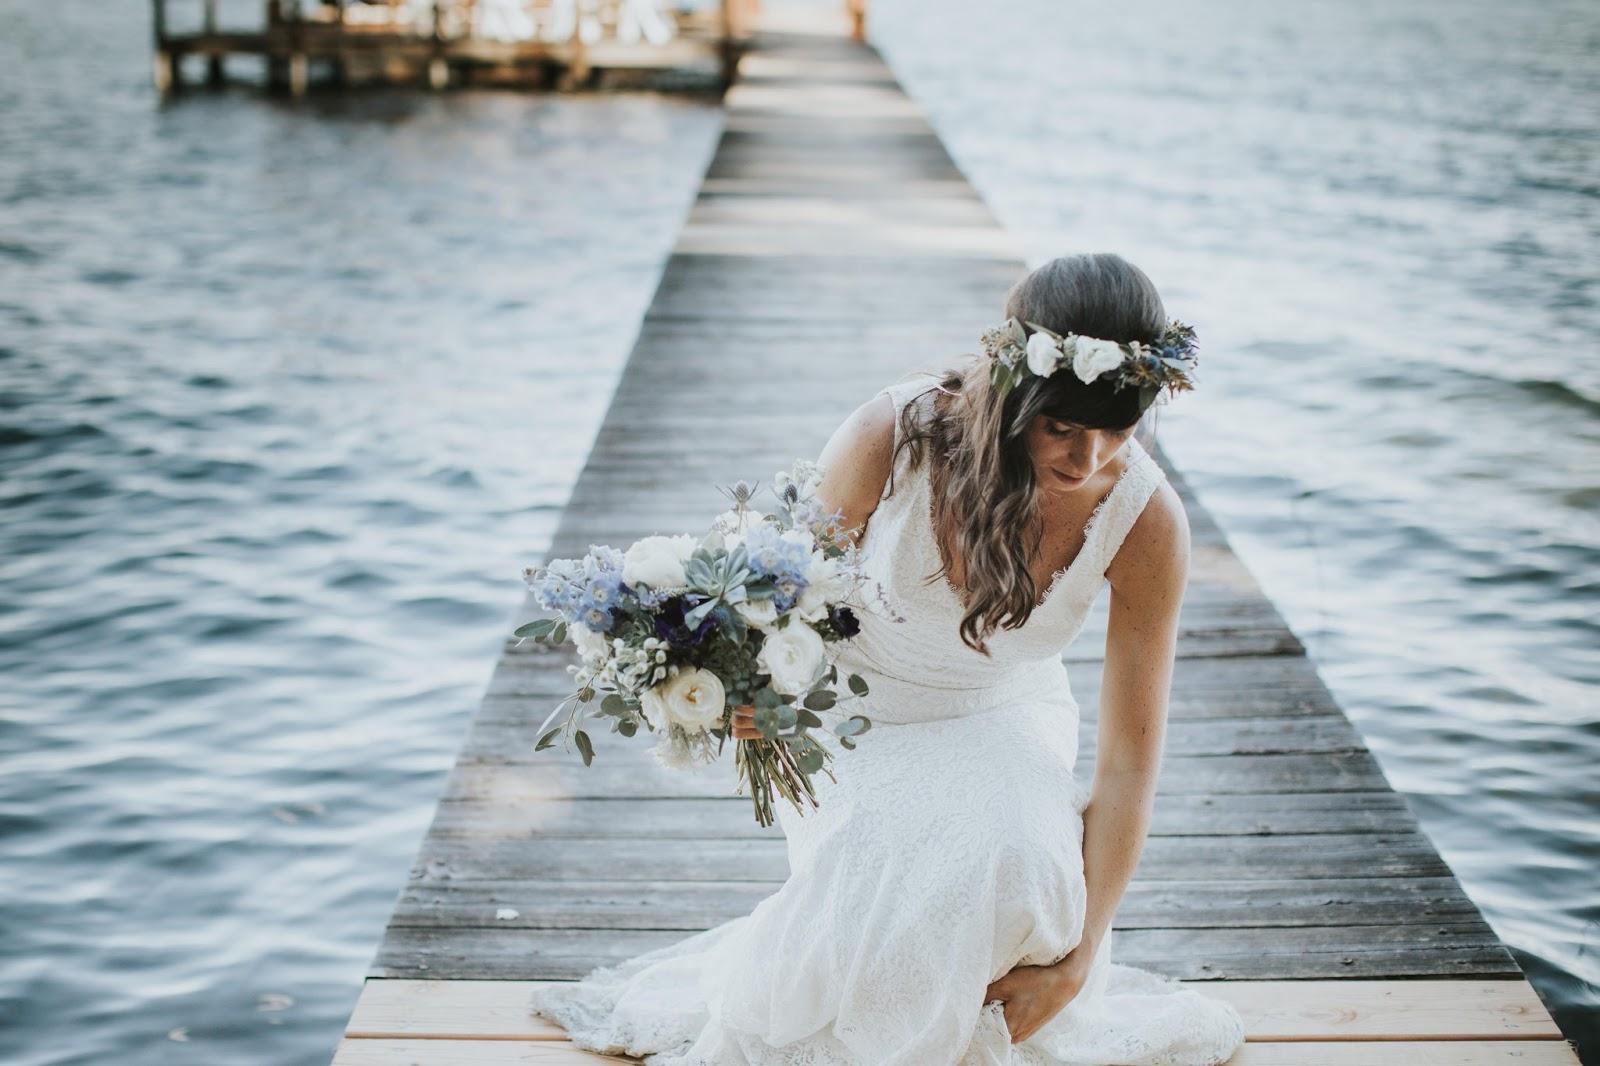 Düğün Gecesi İçin Gelin İç Çamaşırı Nasıl Seçilir